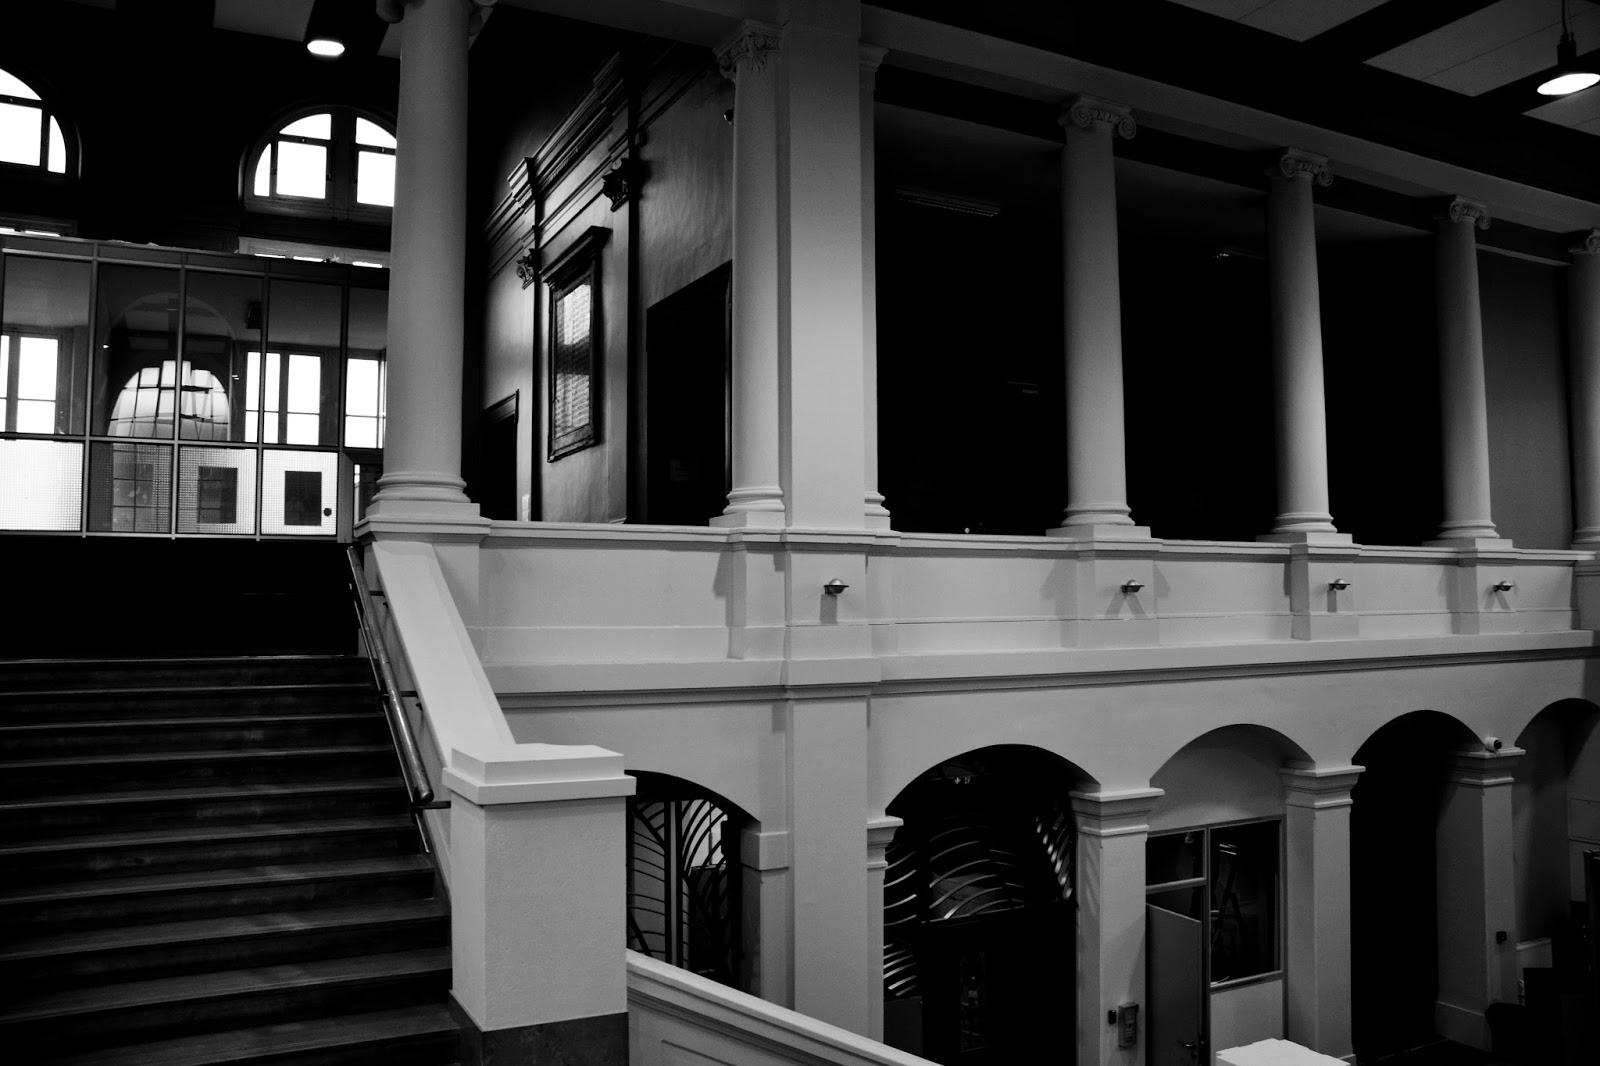 Histoires du nord 3 en passant par le palais de justice de dunkerque port folio - Chambre des commerces dunkerque ...